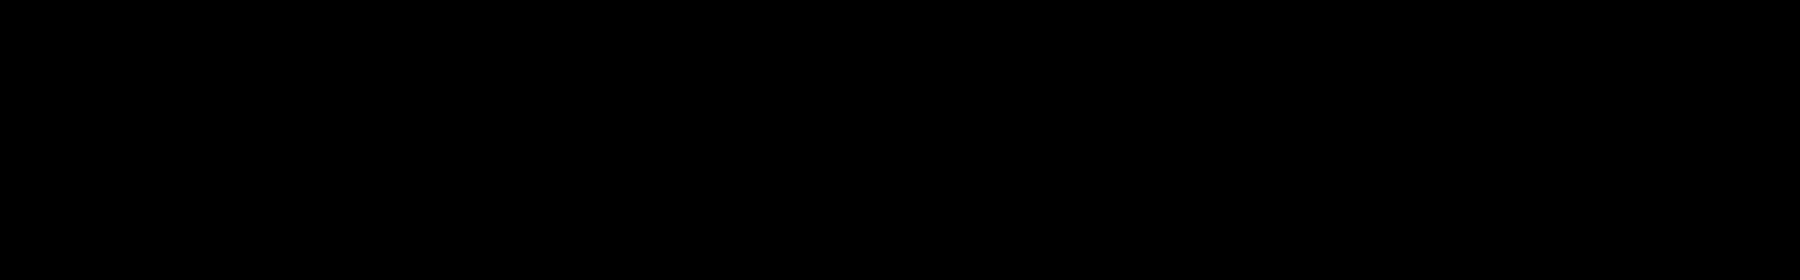 ETHEREAL BUNDLE audio waveform